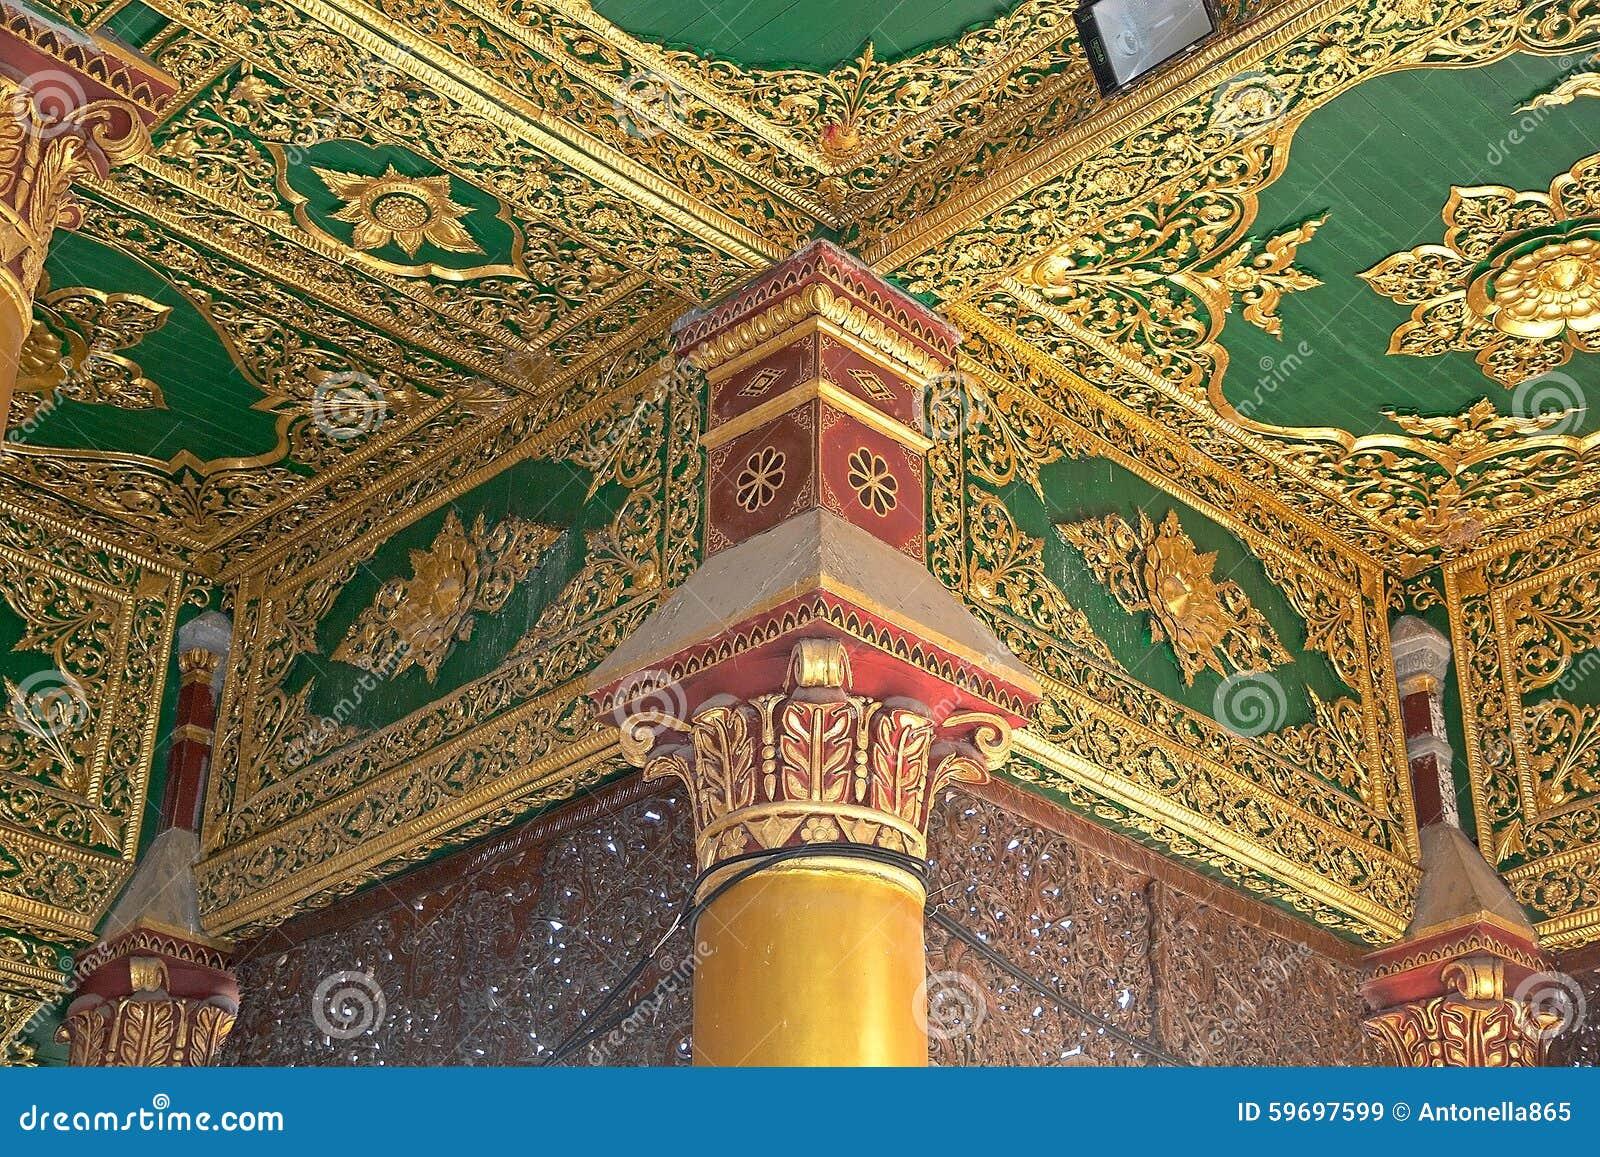 Myanmar pagodashwedagon yangon